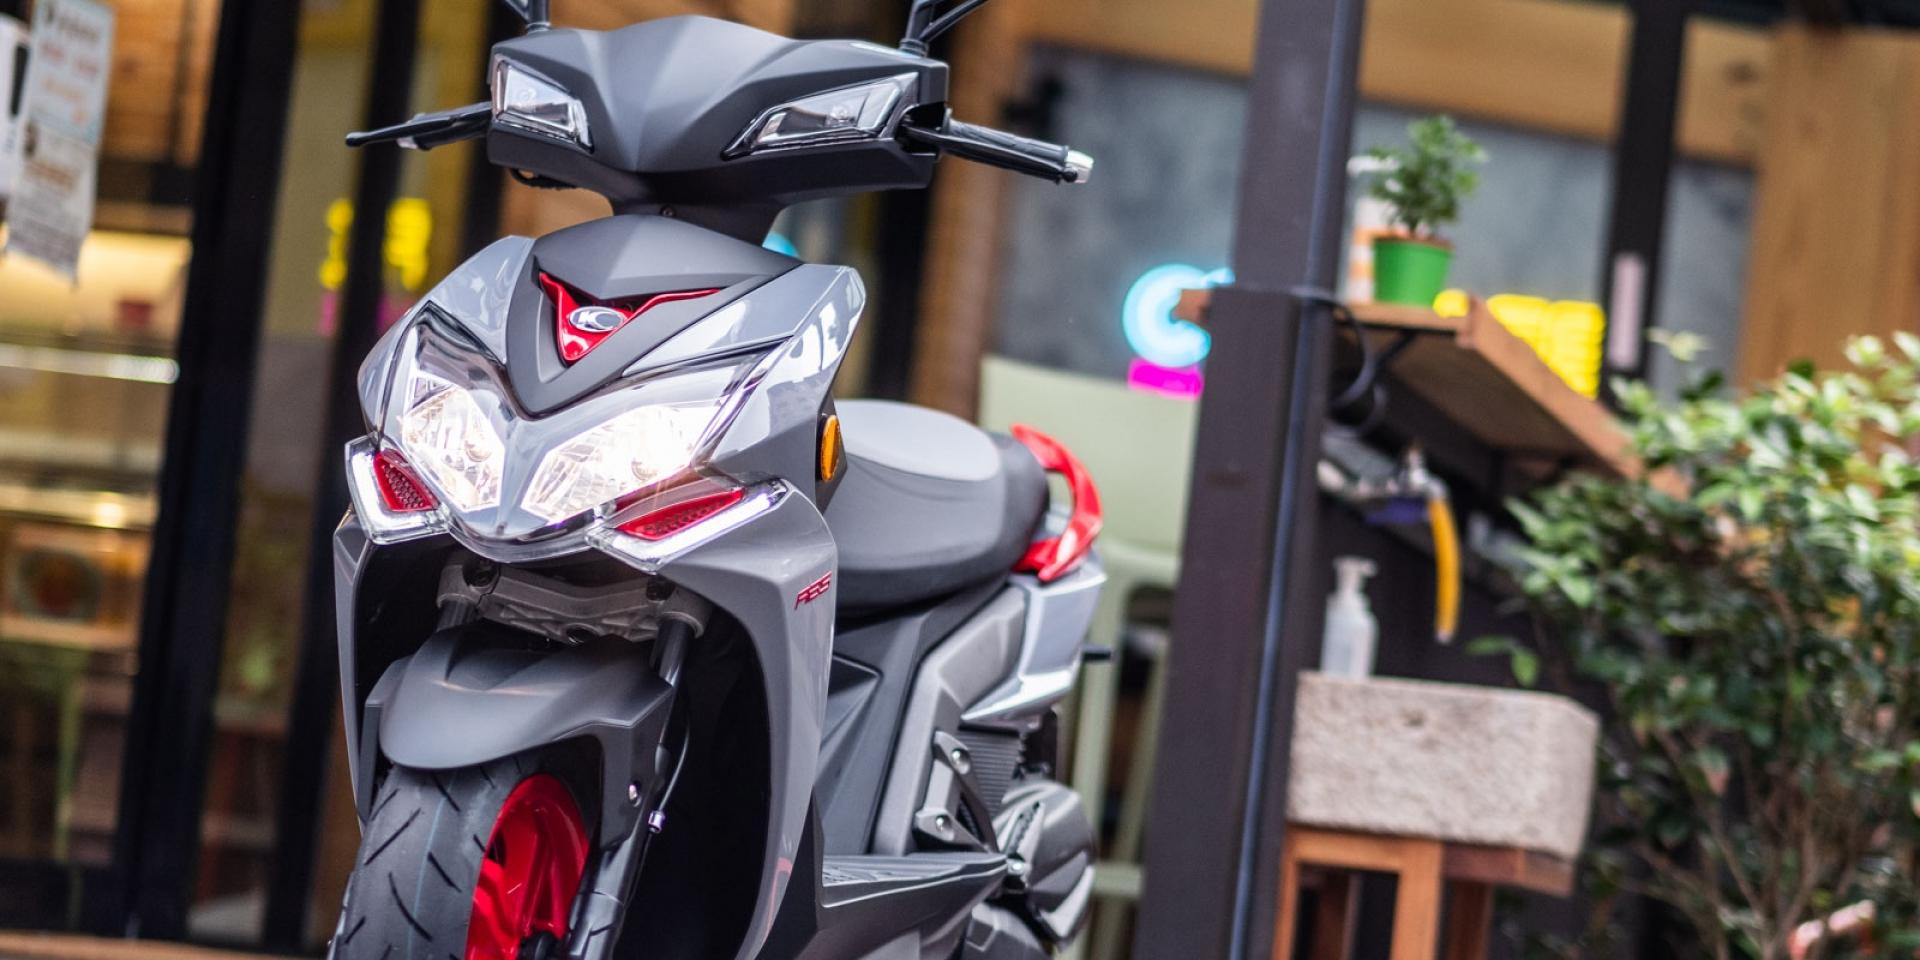 日本媒體大力讚賞「動力輕快、配備豐富」!KYMCO Racing S 150 ABS新色上市